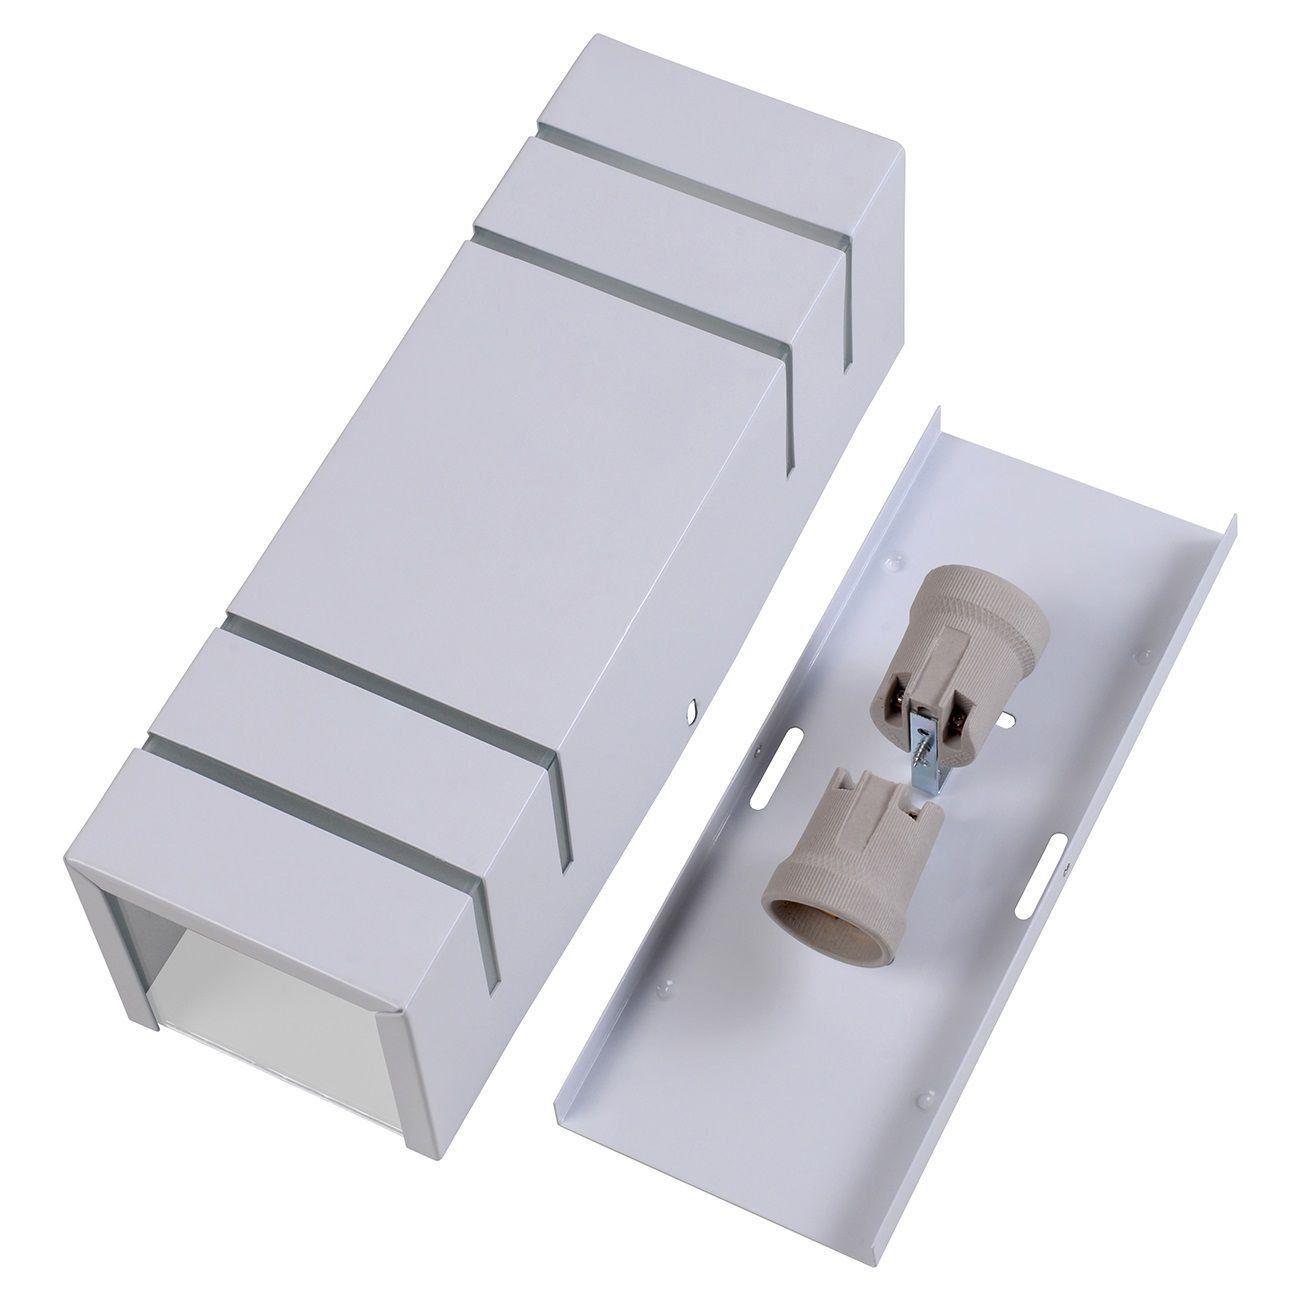 Arandela Retangular 4 Frisos Externa Interna Muro Parede Alumínio Branco - Rei da Iluminação